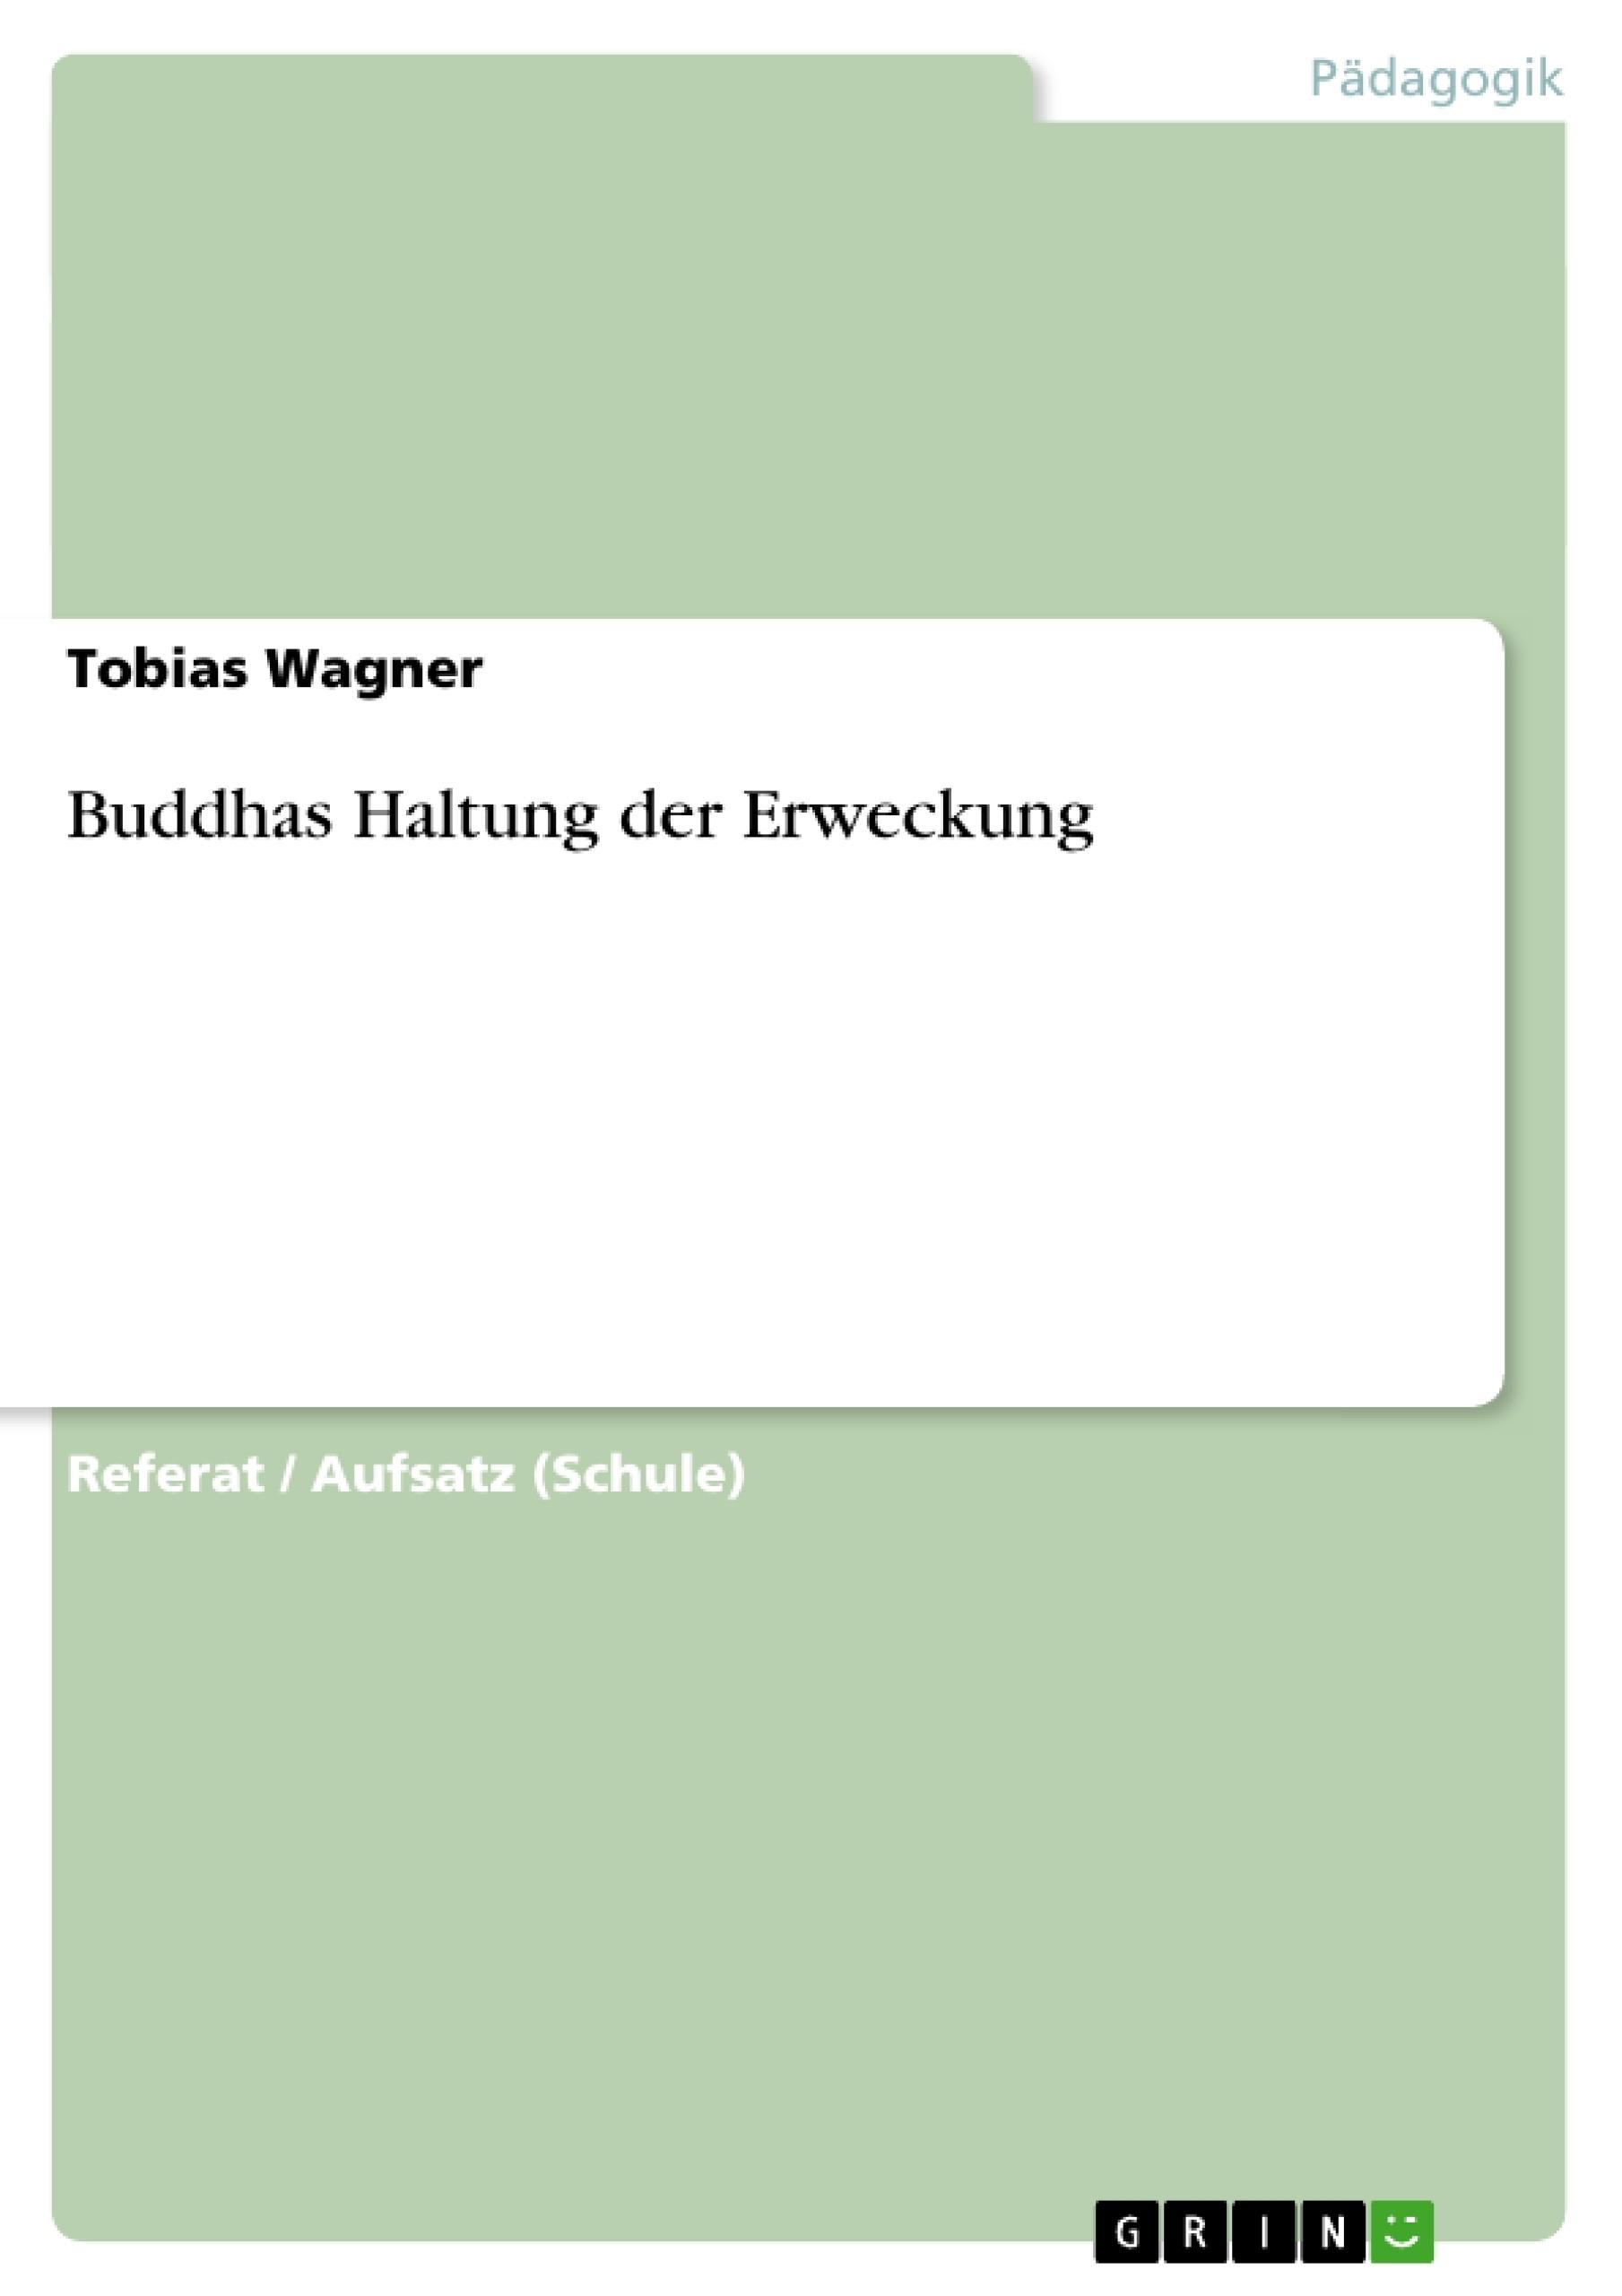 Titel: Buddhas Haltung der Erweckung